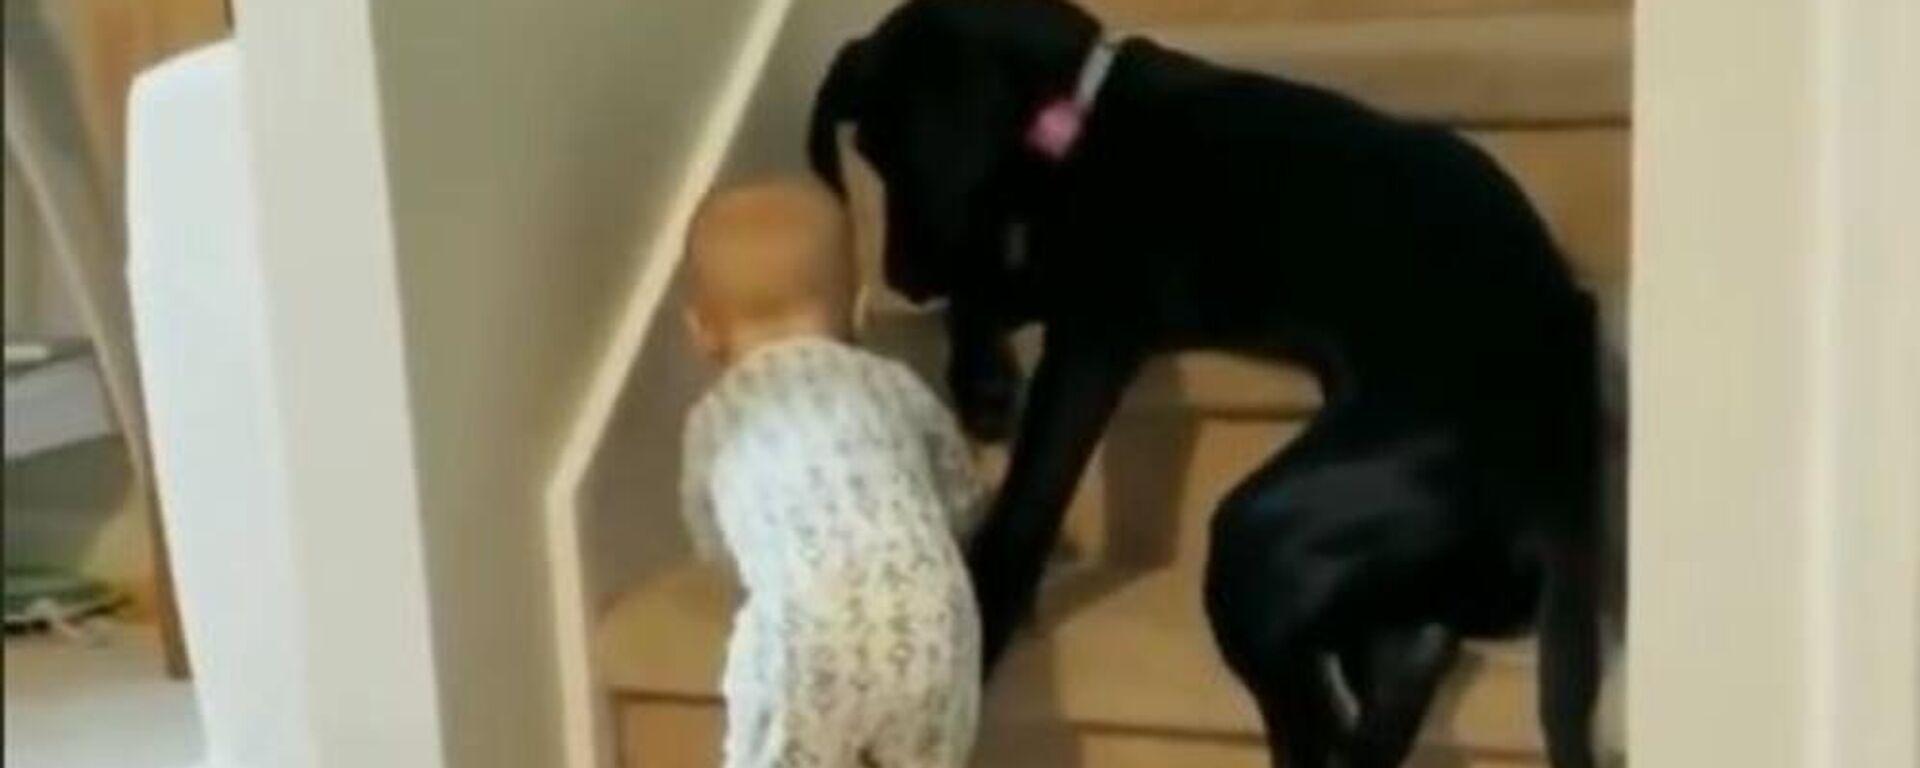 Απίθανος σκύλος δεν αφήνει μωρό να πέσει από τις σκάλες - Sputnik Ελλάδα, 1920, 17.06.2021